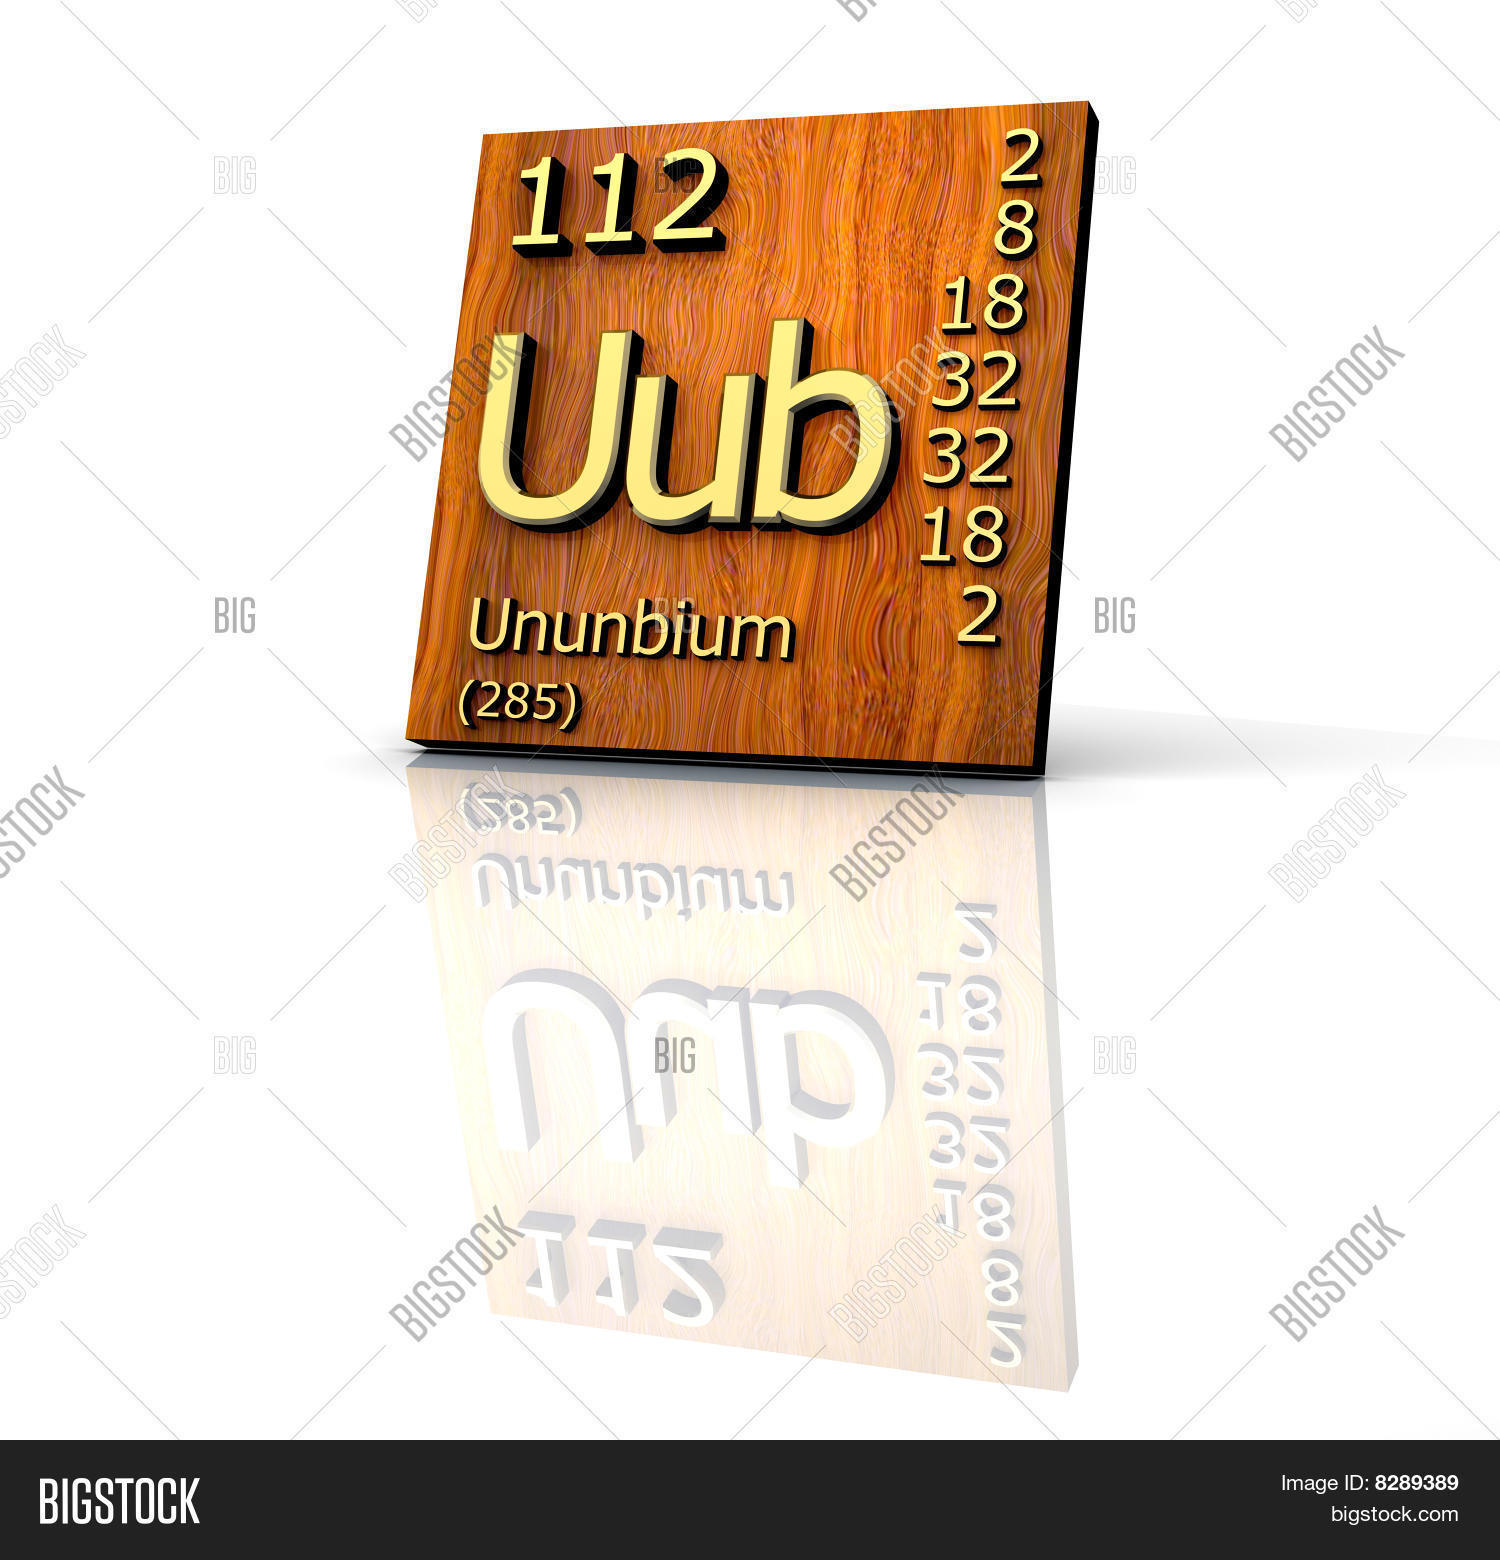 Ununbium periodic image photo free trial bigstock ununbium periodic table of elements wood board urtaz Image collections